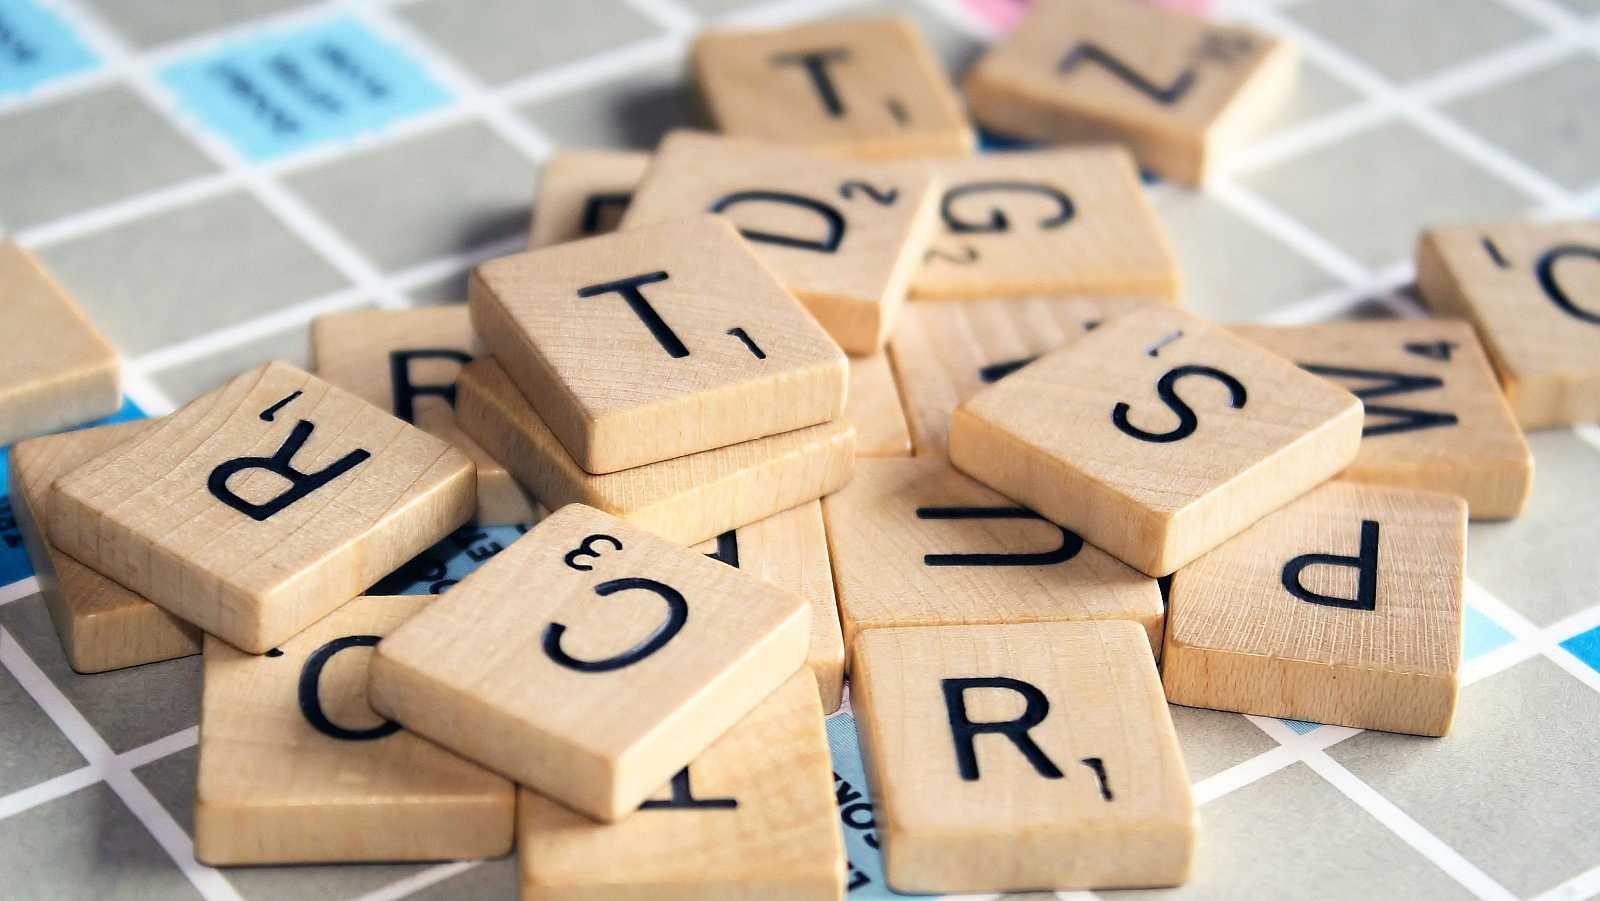 Memoria de delfín - Scrabble celebra su Día Mundial - 13/04/19 - escuchar ahora